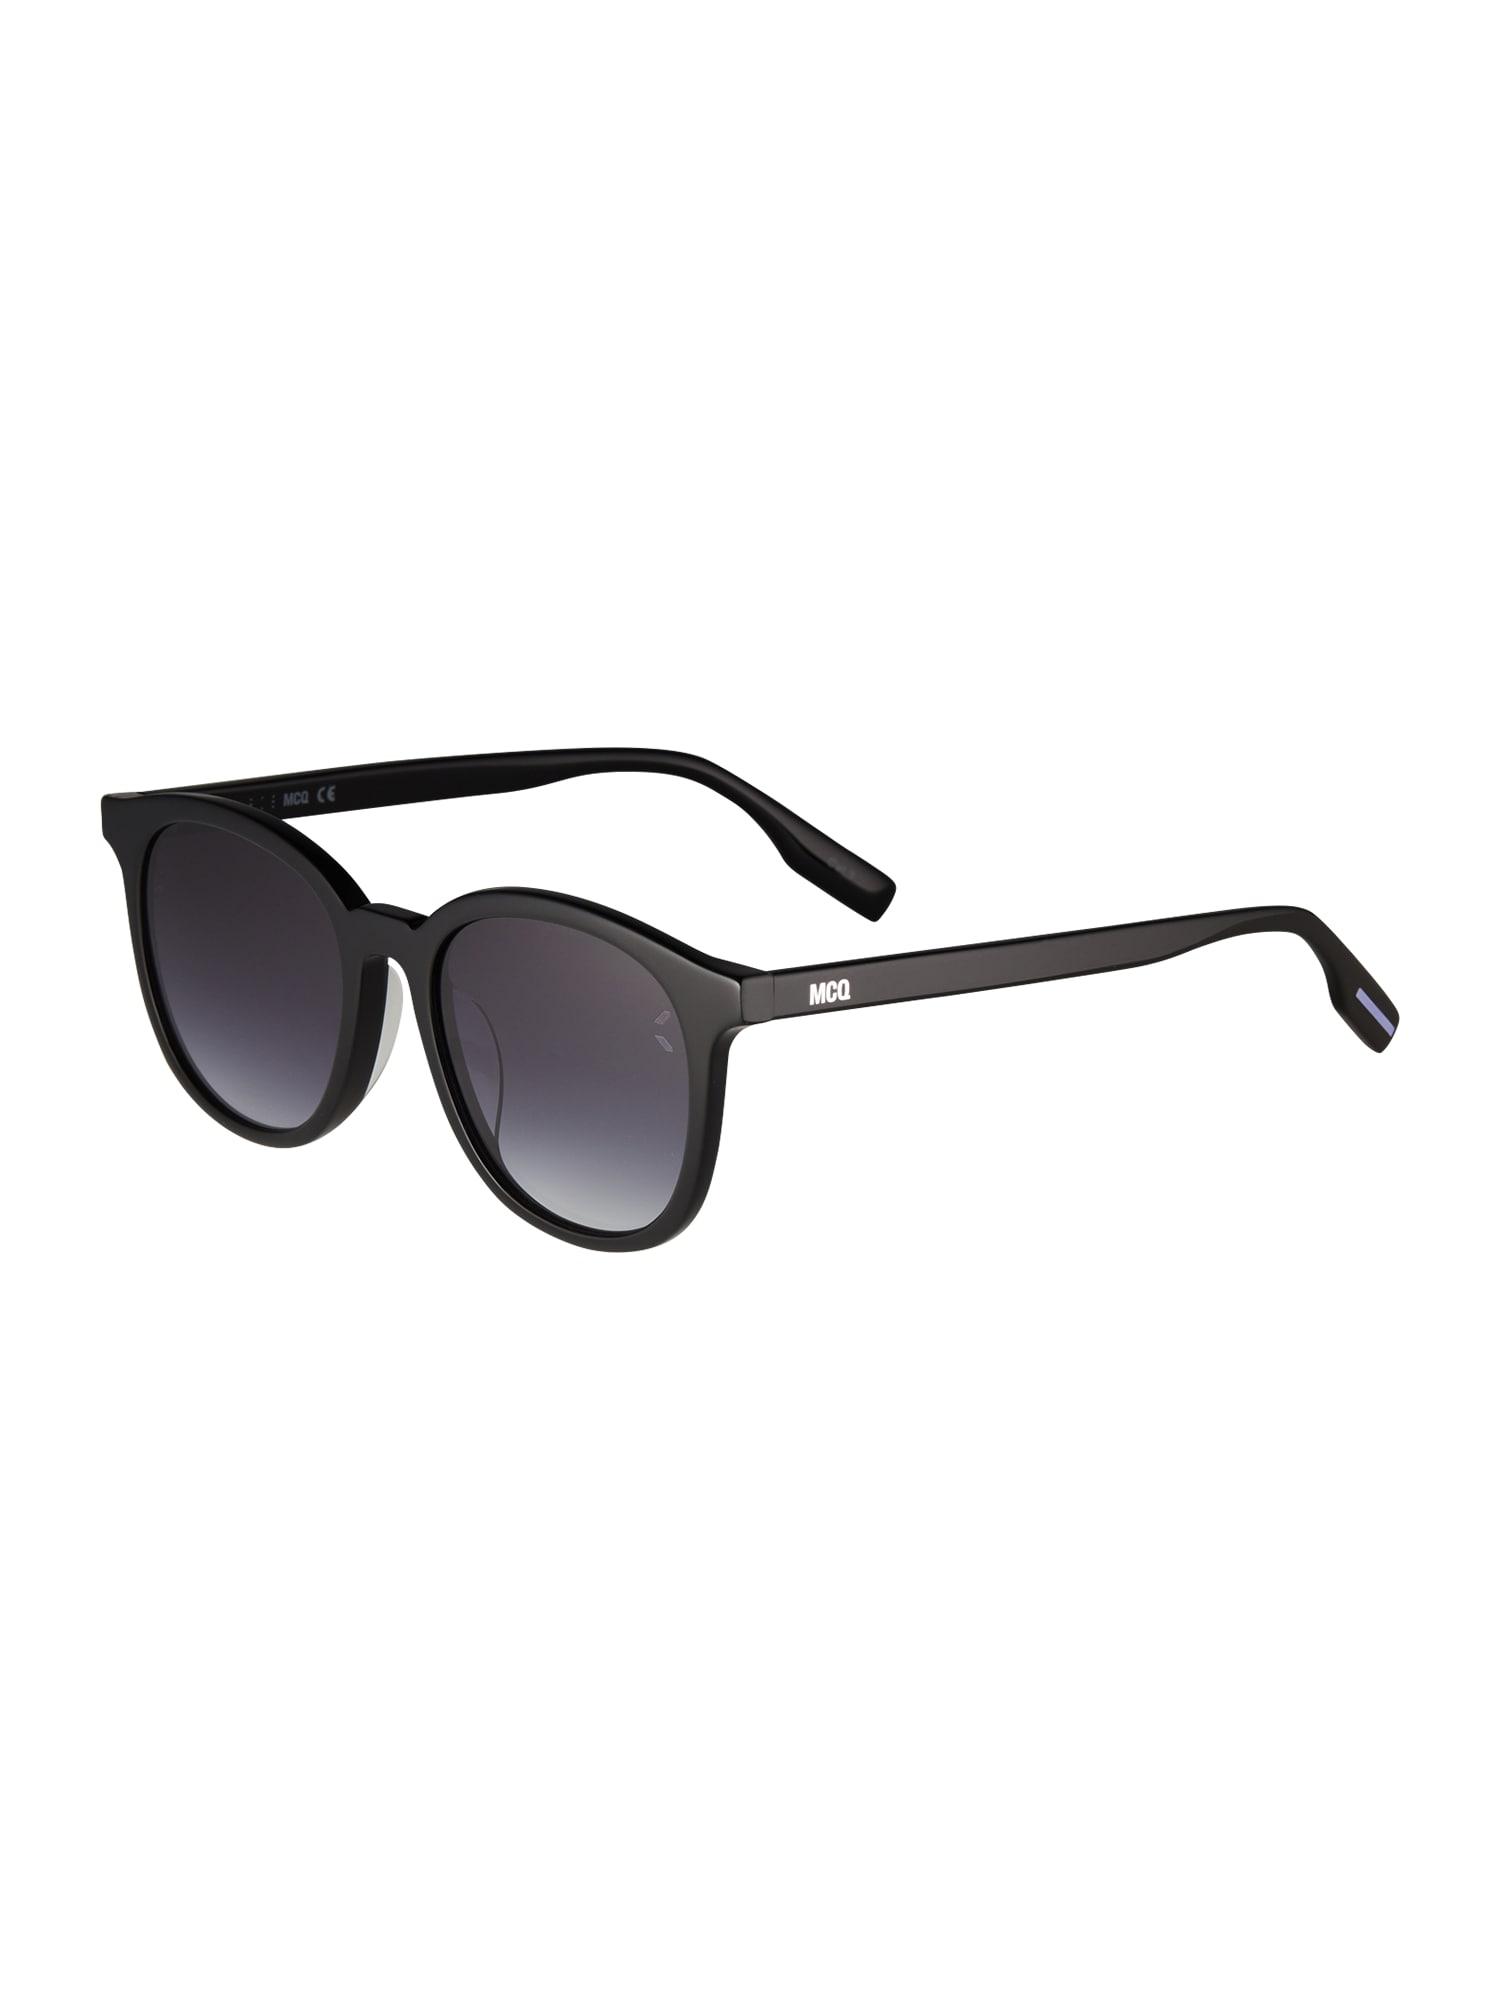 McQ Alexander McQueen Akiniai nuo saulės juoda / tamsiai pilka